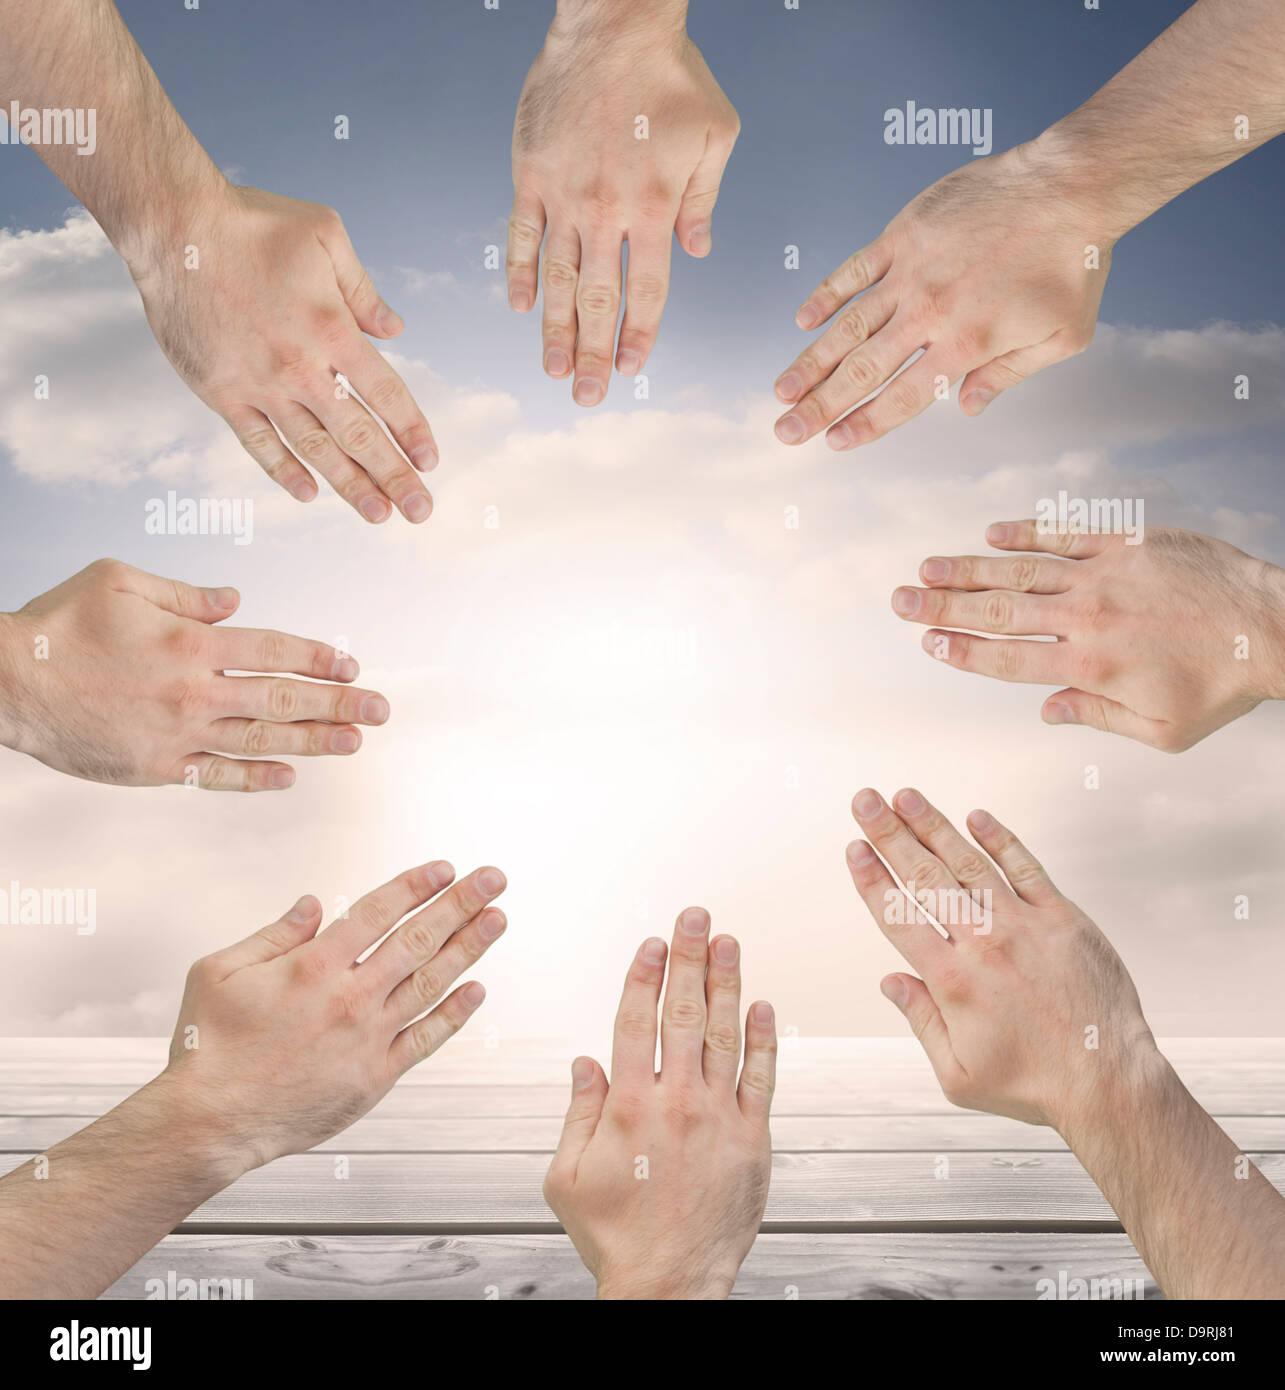 Gruppe von Händen bilden einen Kreis über blauen Himmel Stockbild